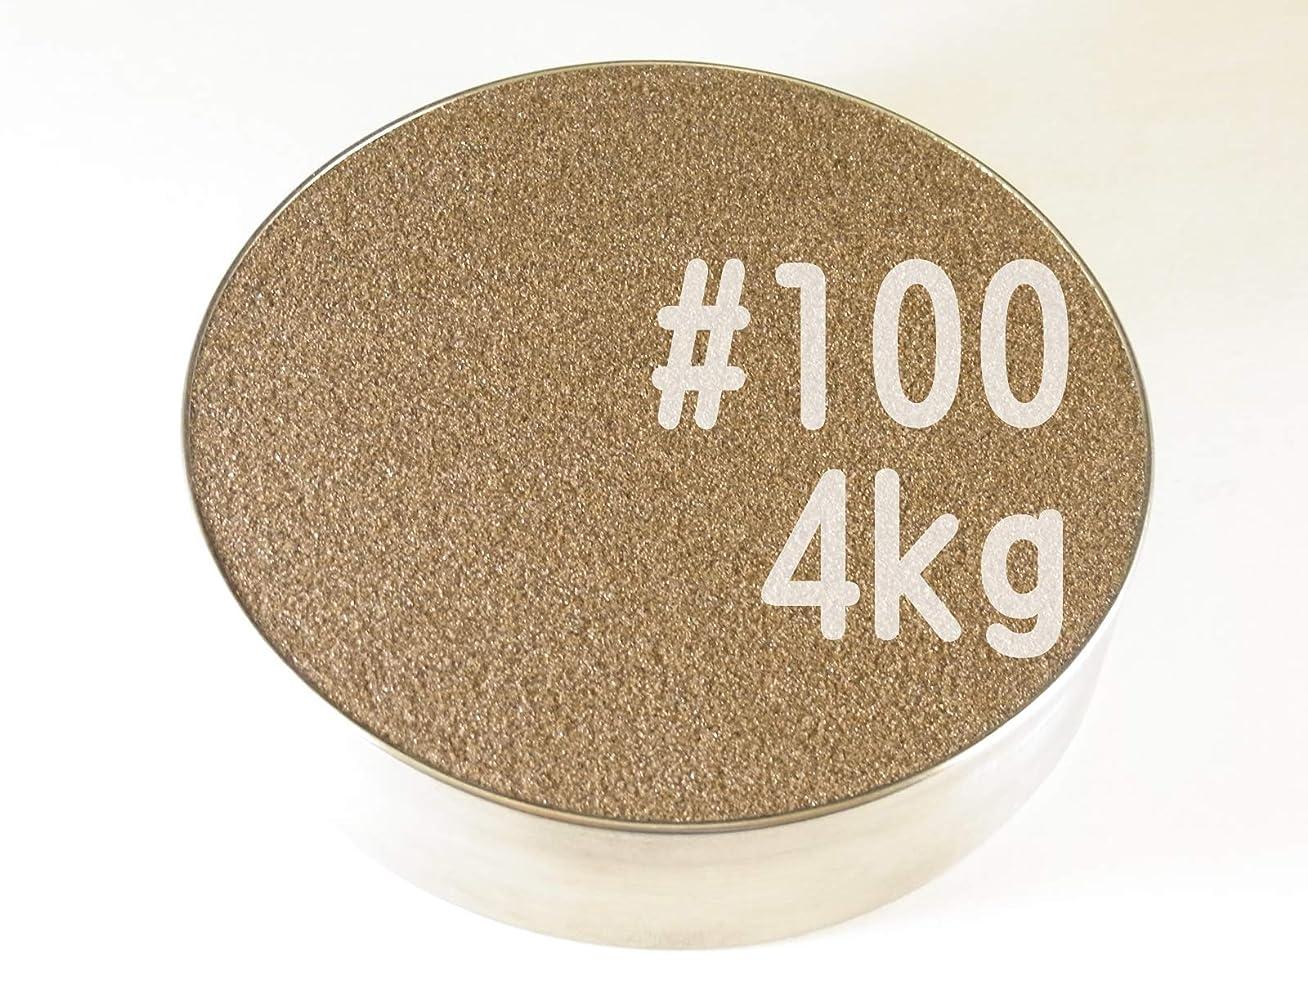 両方合唱団シンジケート#100 (4kg) アルミナサンド/アルミナメディア/砂/褐色アルミナ サンドブラスト用(番手サイズは7種類から #40#60#80#100#120#180#220 )